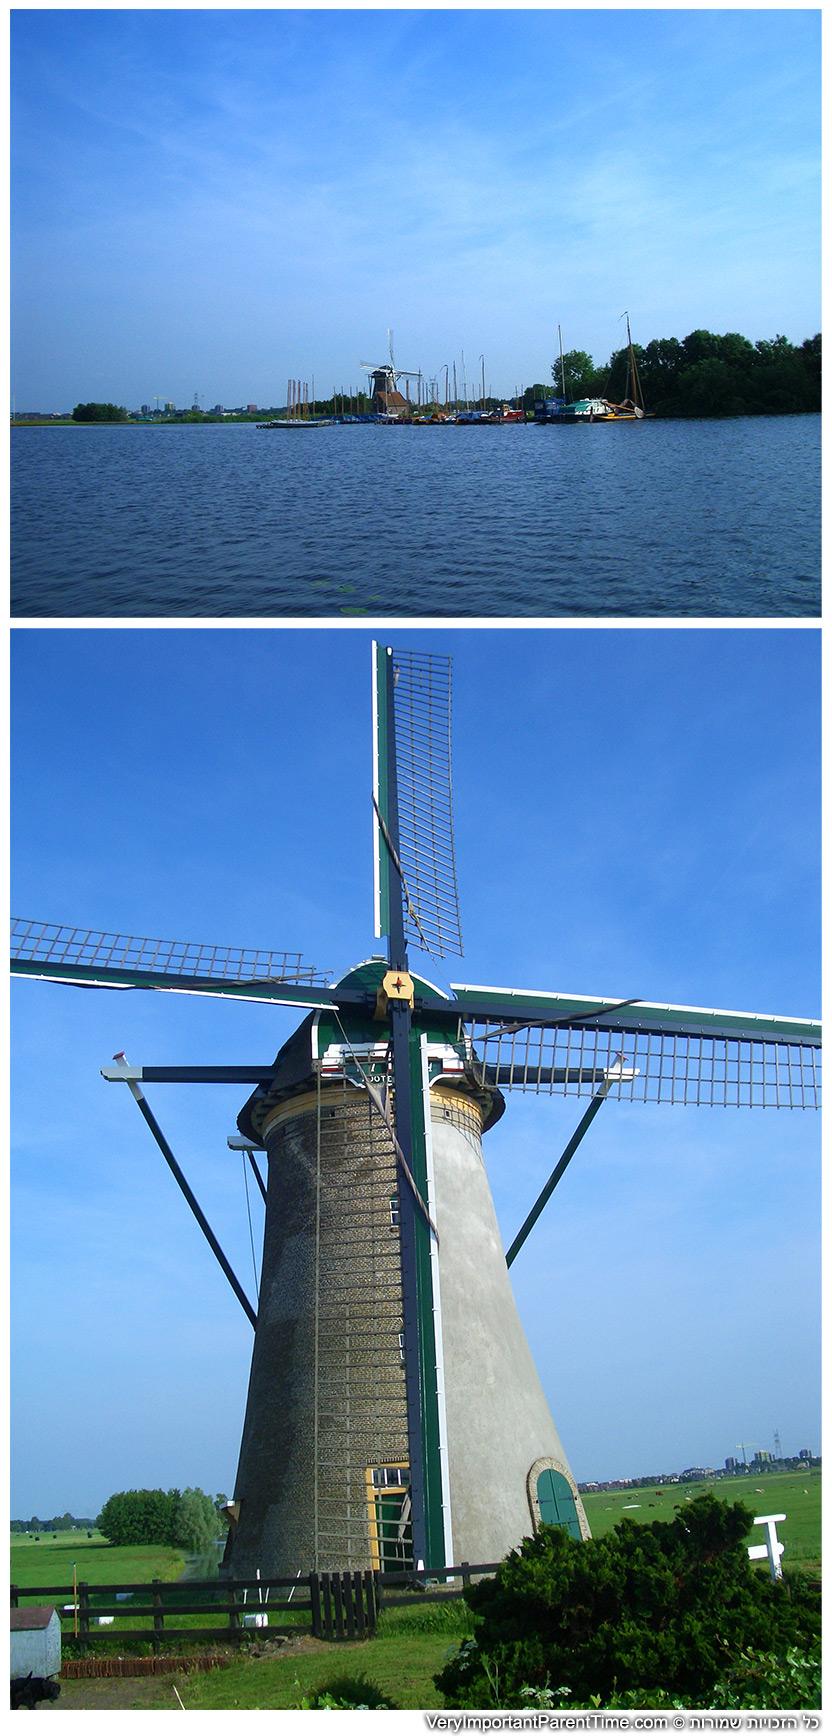 הולנד לזוגות - תחנות רוח